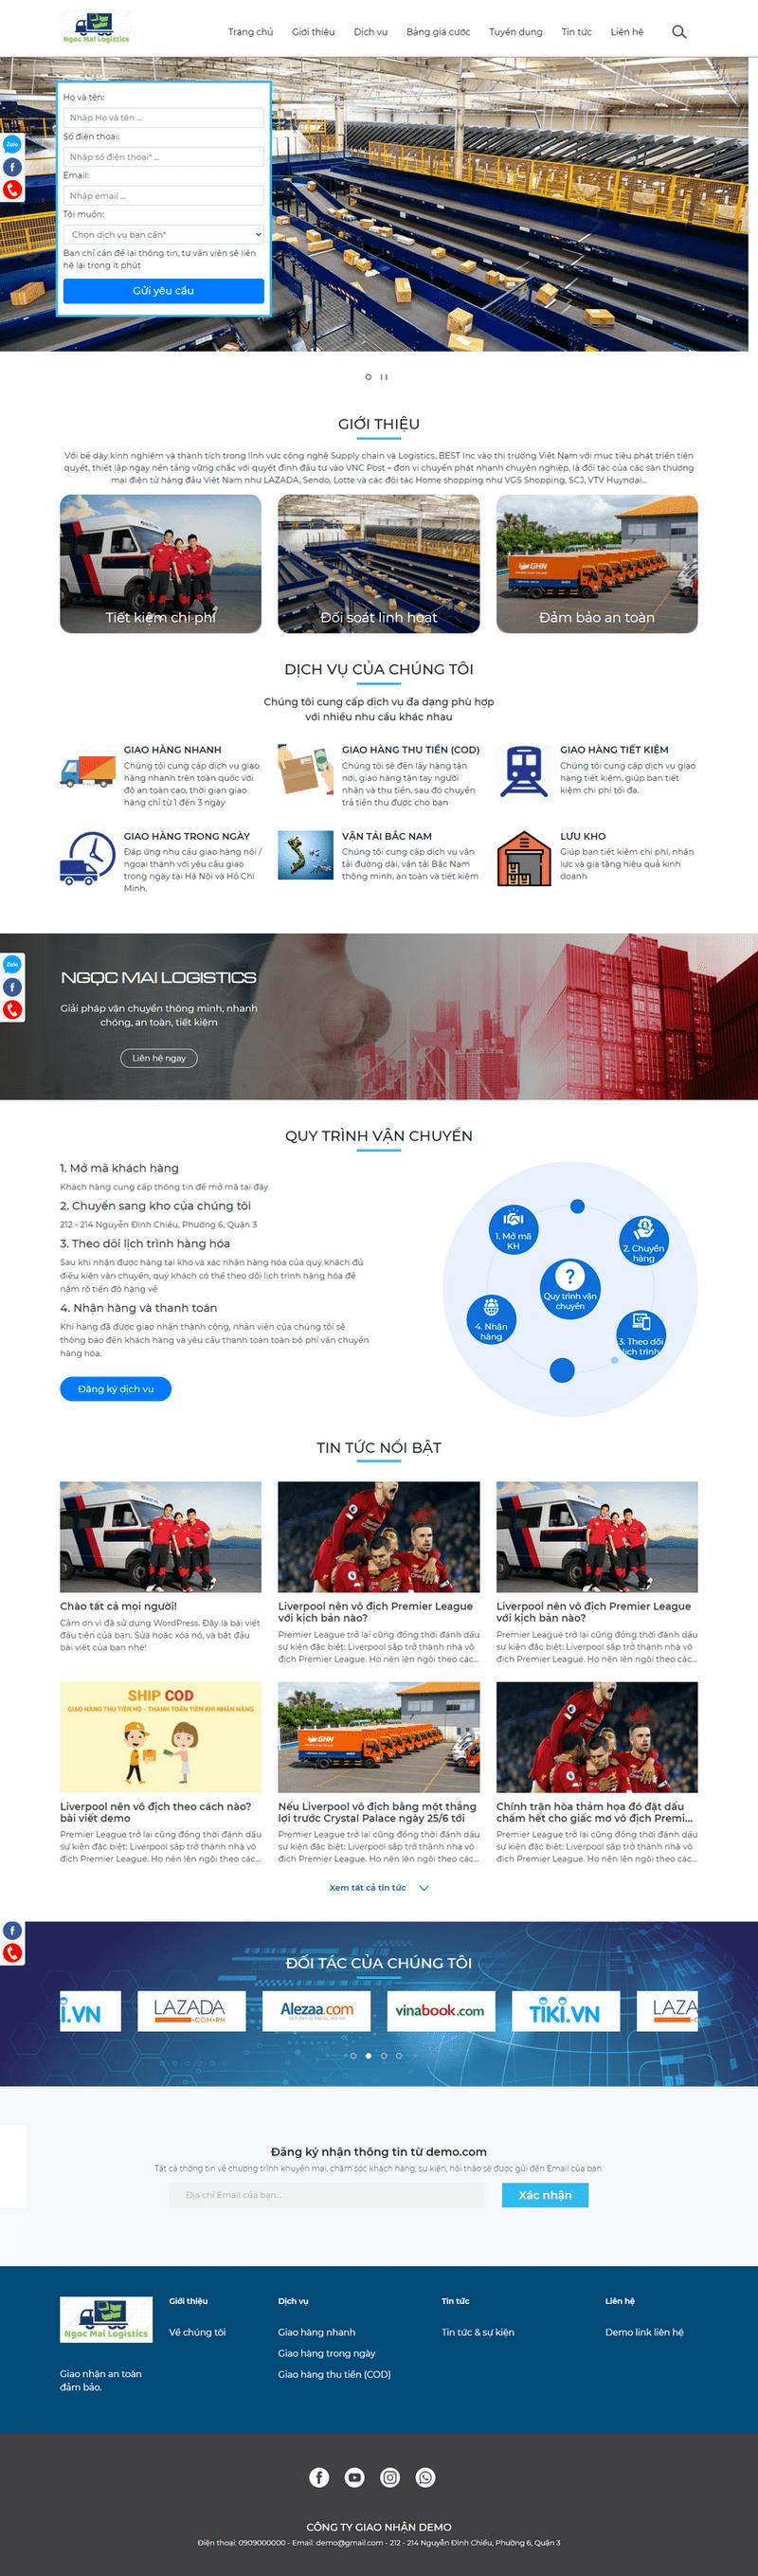 Mẫu website dịch vụ vận chuyển logistics